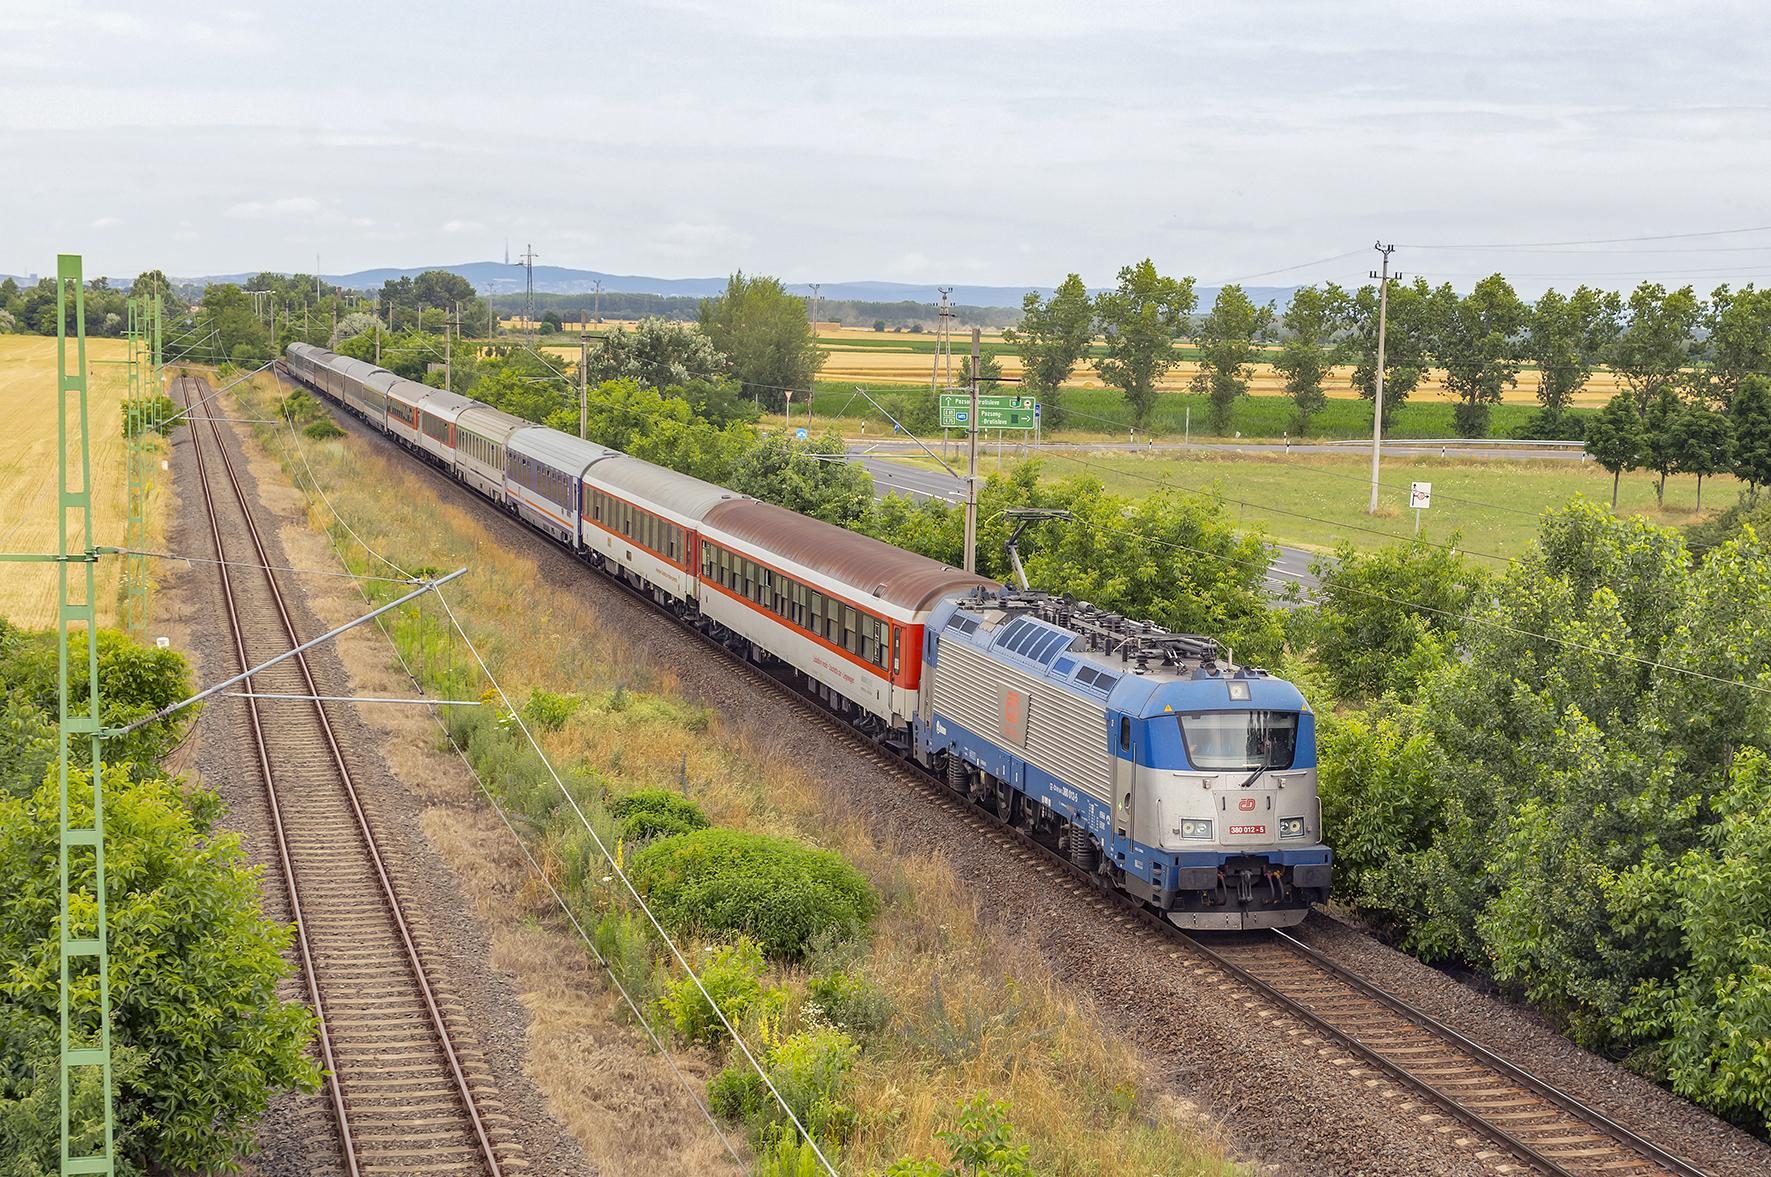 Súprava vlaku EuroNight 477 Metropol ako spoj OsEx 4770 zo stanice Šaľa prichádza do maďarskej pohraničnej stanice Rajka. V pozadí vidno Malé Karpaty a televíznu vežu na Kamzíku.